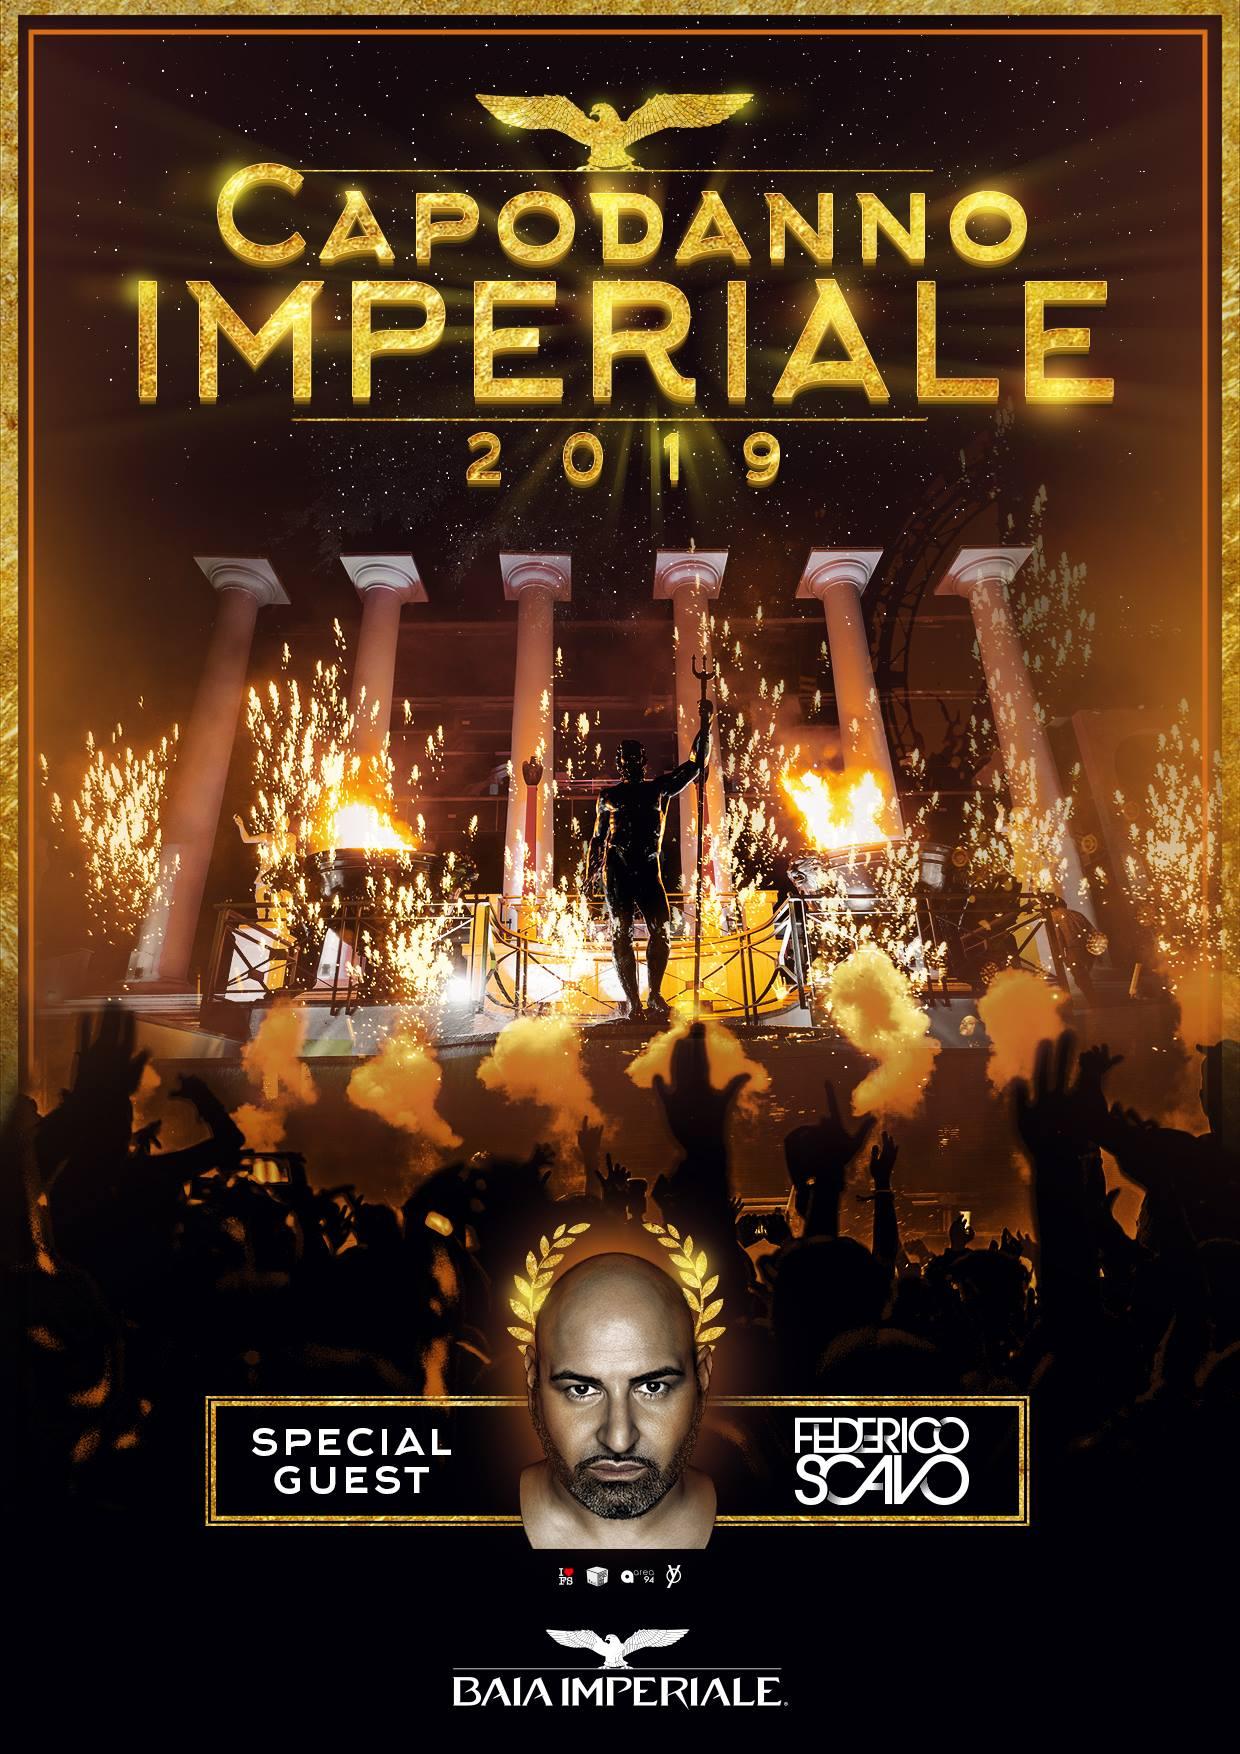 Capodanno 2019 Baia Imperiale